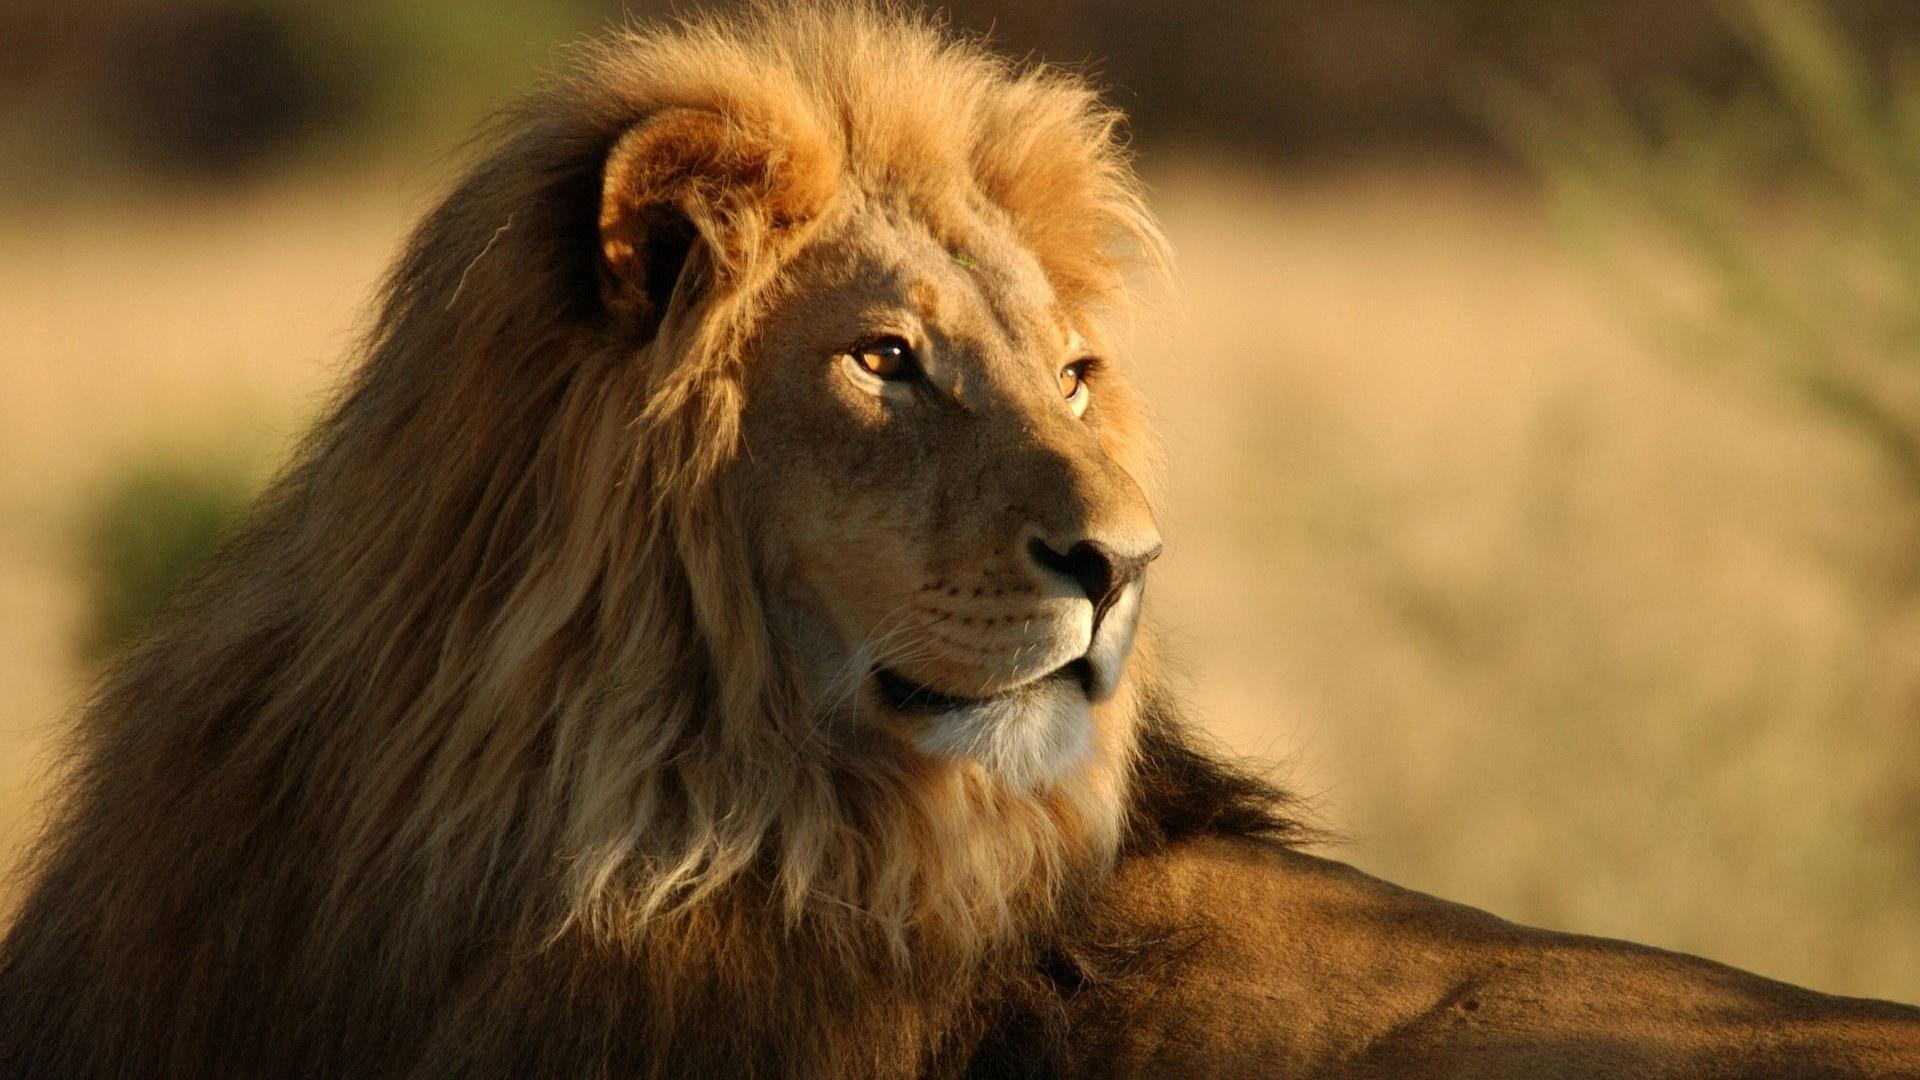 68288 baixar papel de parede Animais, Leão, Um Leão, Predator, Predador, Gato Grande, Visão, Opinião, Juba, Rei Das Feras, Rei Das Bestas - protetores de tela e imagens gratuitamente